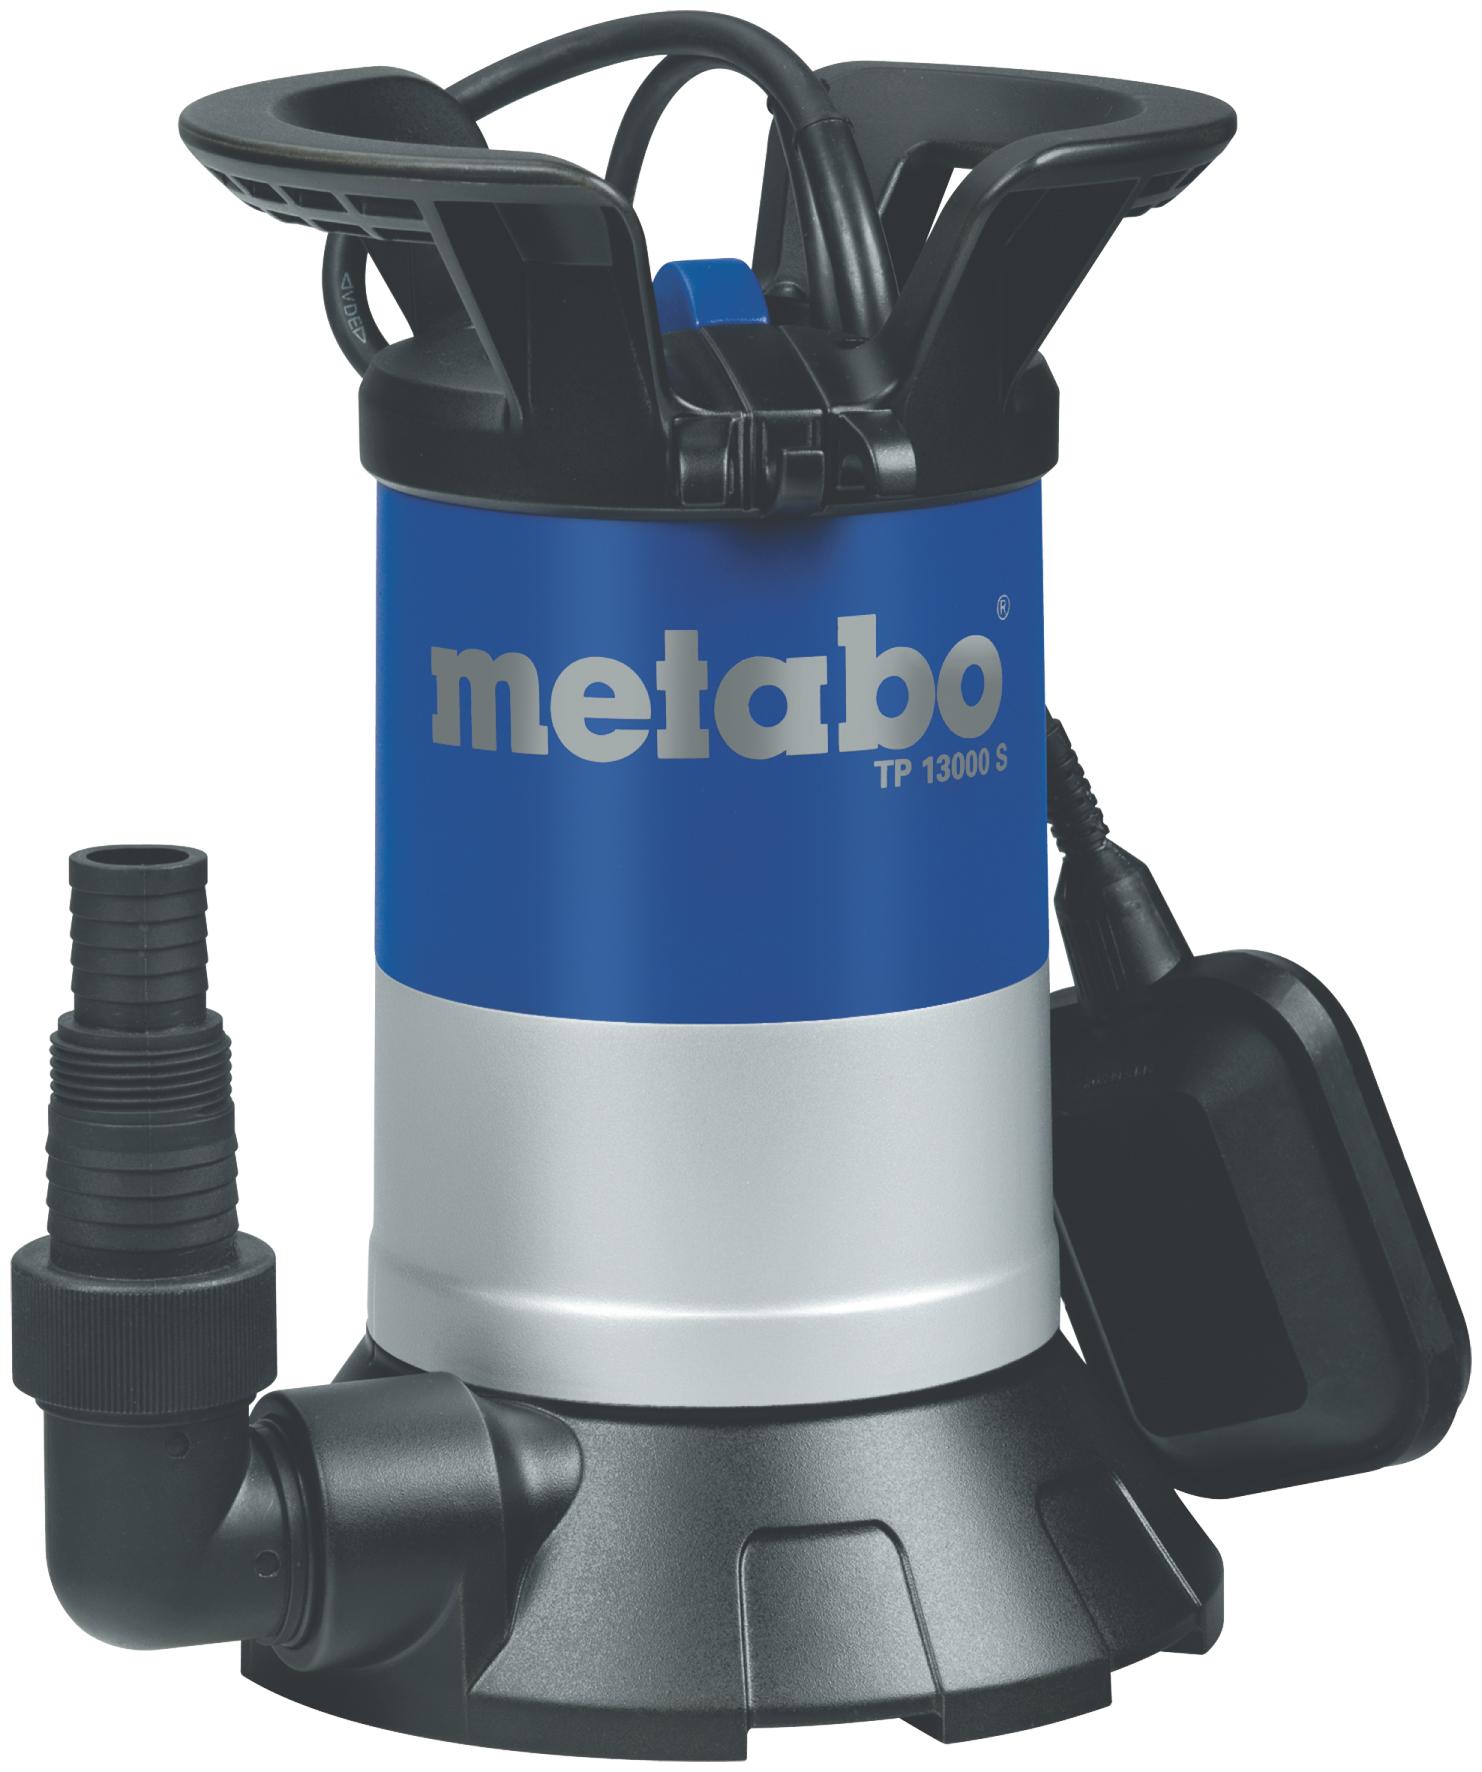 Насос MetaboНасосы<br>Тип насоса: погружной, Конструкция насоса: дренажный, Центробежный: есть, Назначение по воде: чистая вода, Макс. производительность по воде: 13000, Макс. глубина: 5, Макс. высота: 9.5, Мощность: 550, Поплавок: внешний, Макс. давление: 0.95, Эжектор: нет, Диаметр всасывающего шланга: 1 1/4  , Диаметр на выходе (в дюймах): 1.25, Материал корпуса: пластик, Длина кабеля: 10, Вес нетто: 5, Страна происхождения: Германия<br>